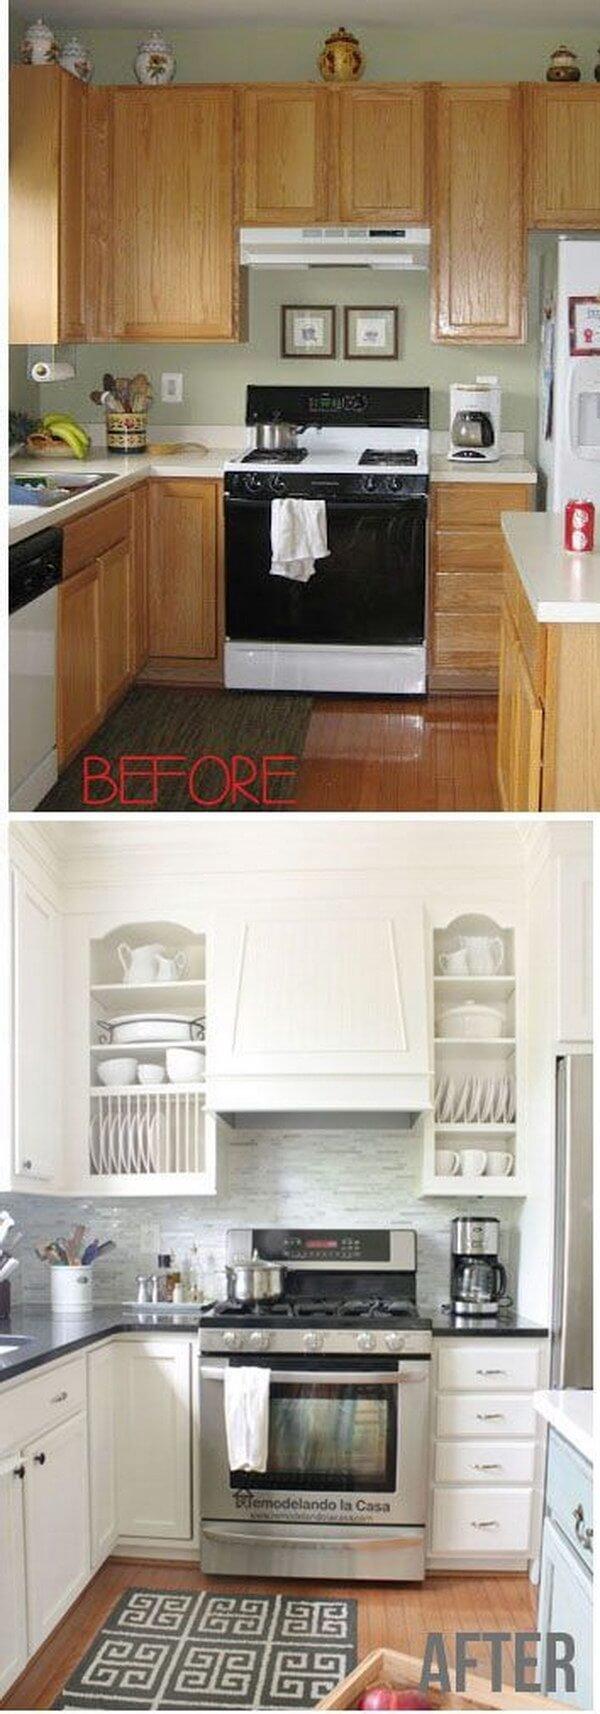 A Bright, Open Cabinet Design